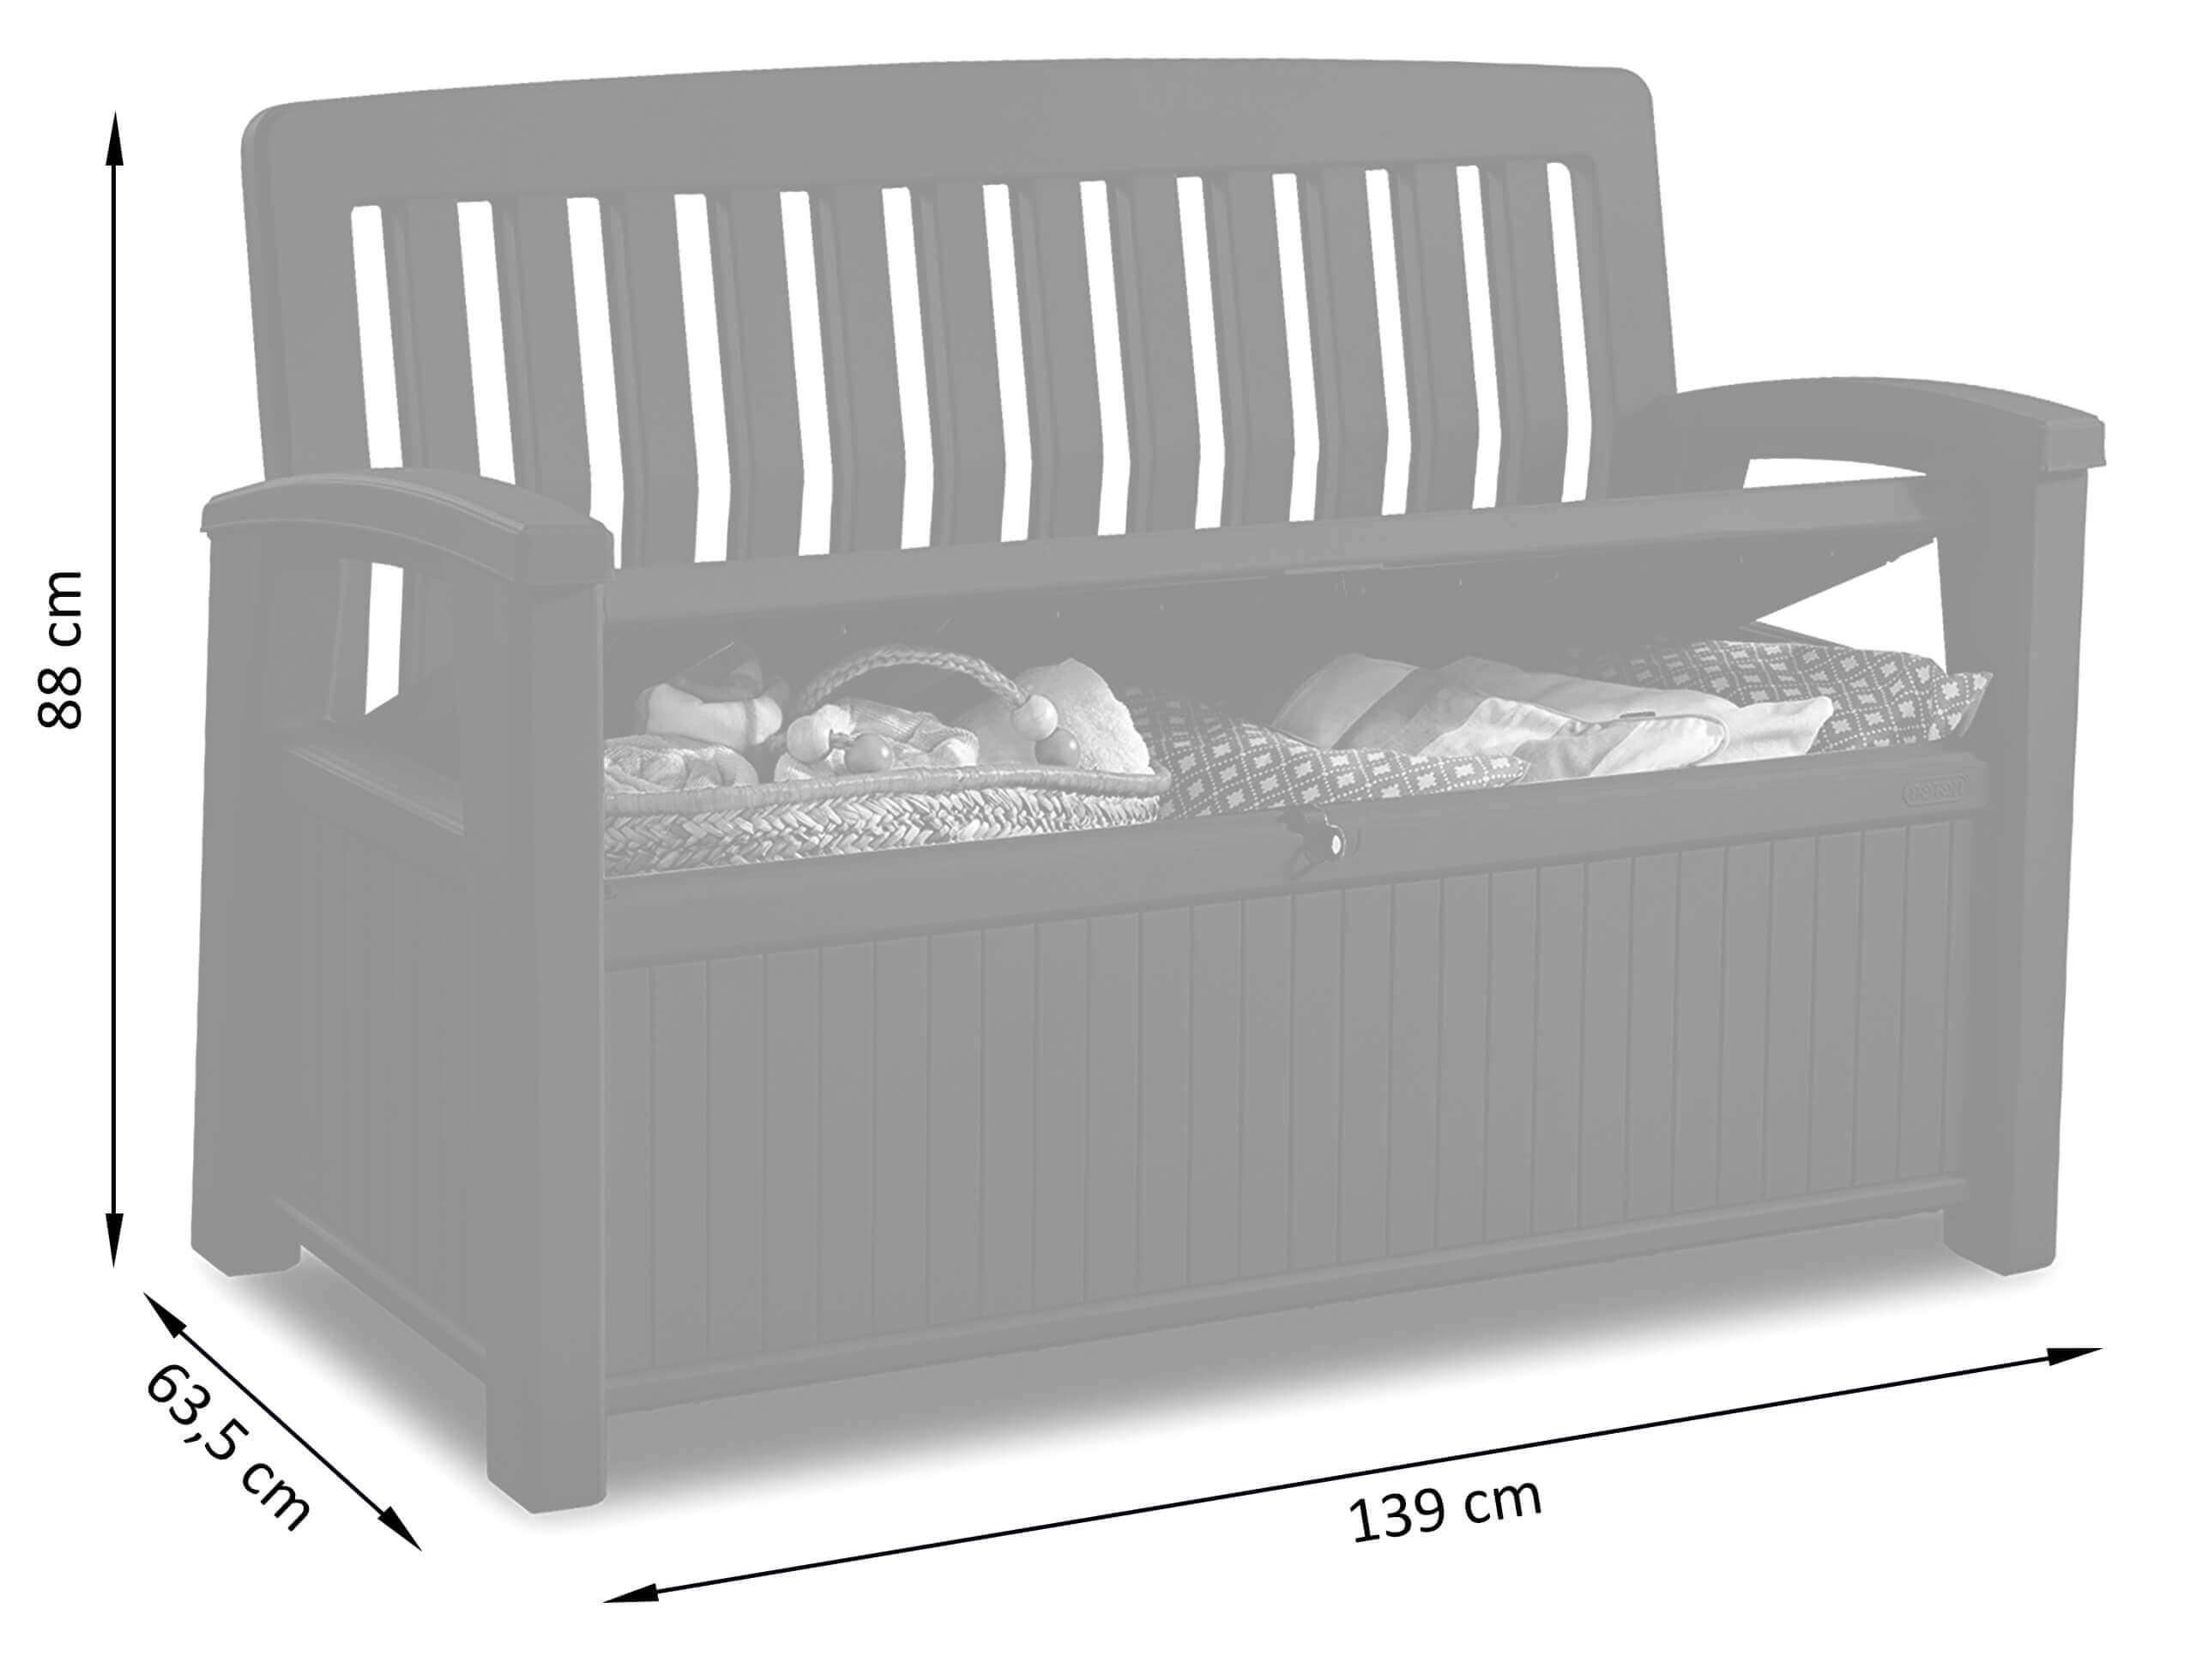 Wymiary ławki ogrodowej Patio Bench